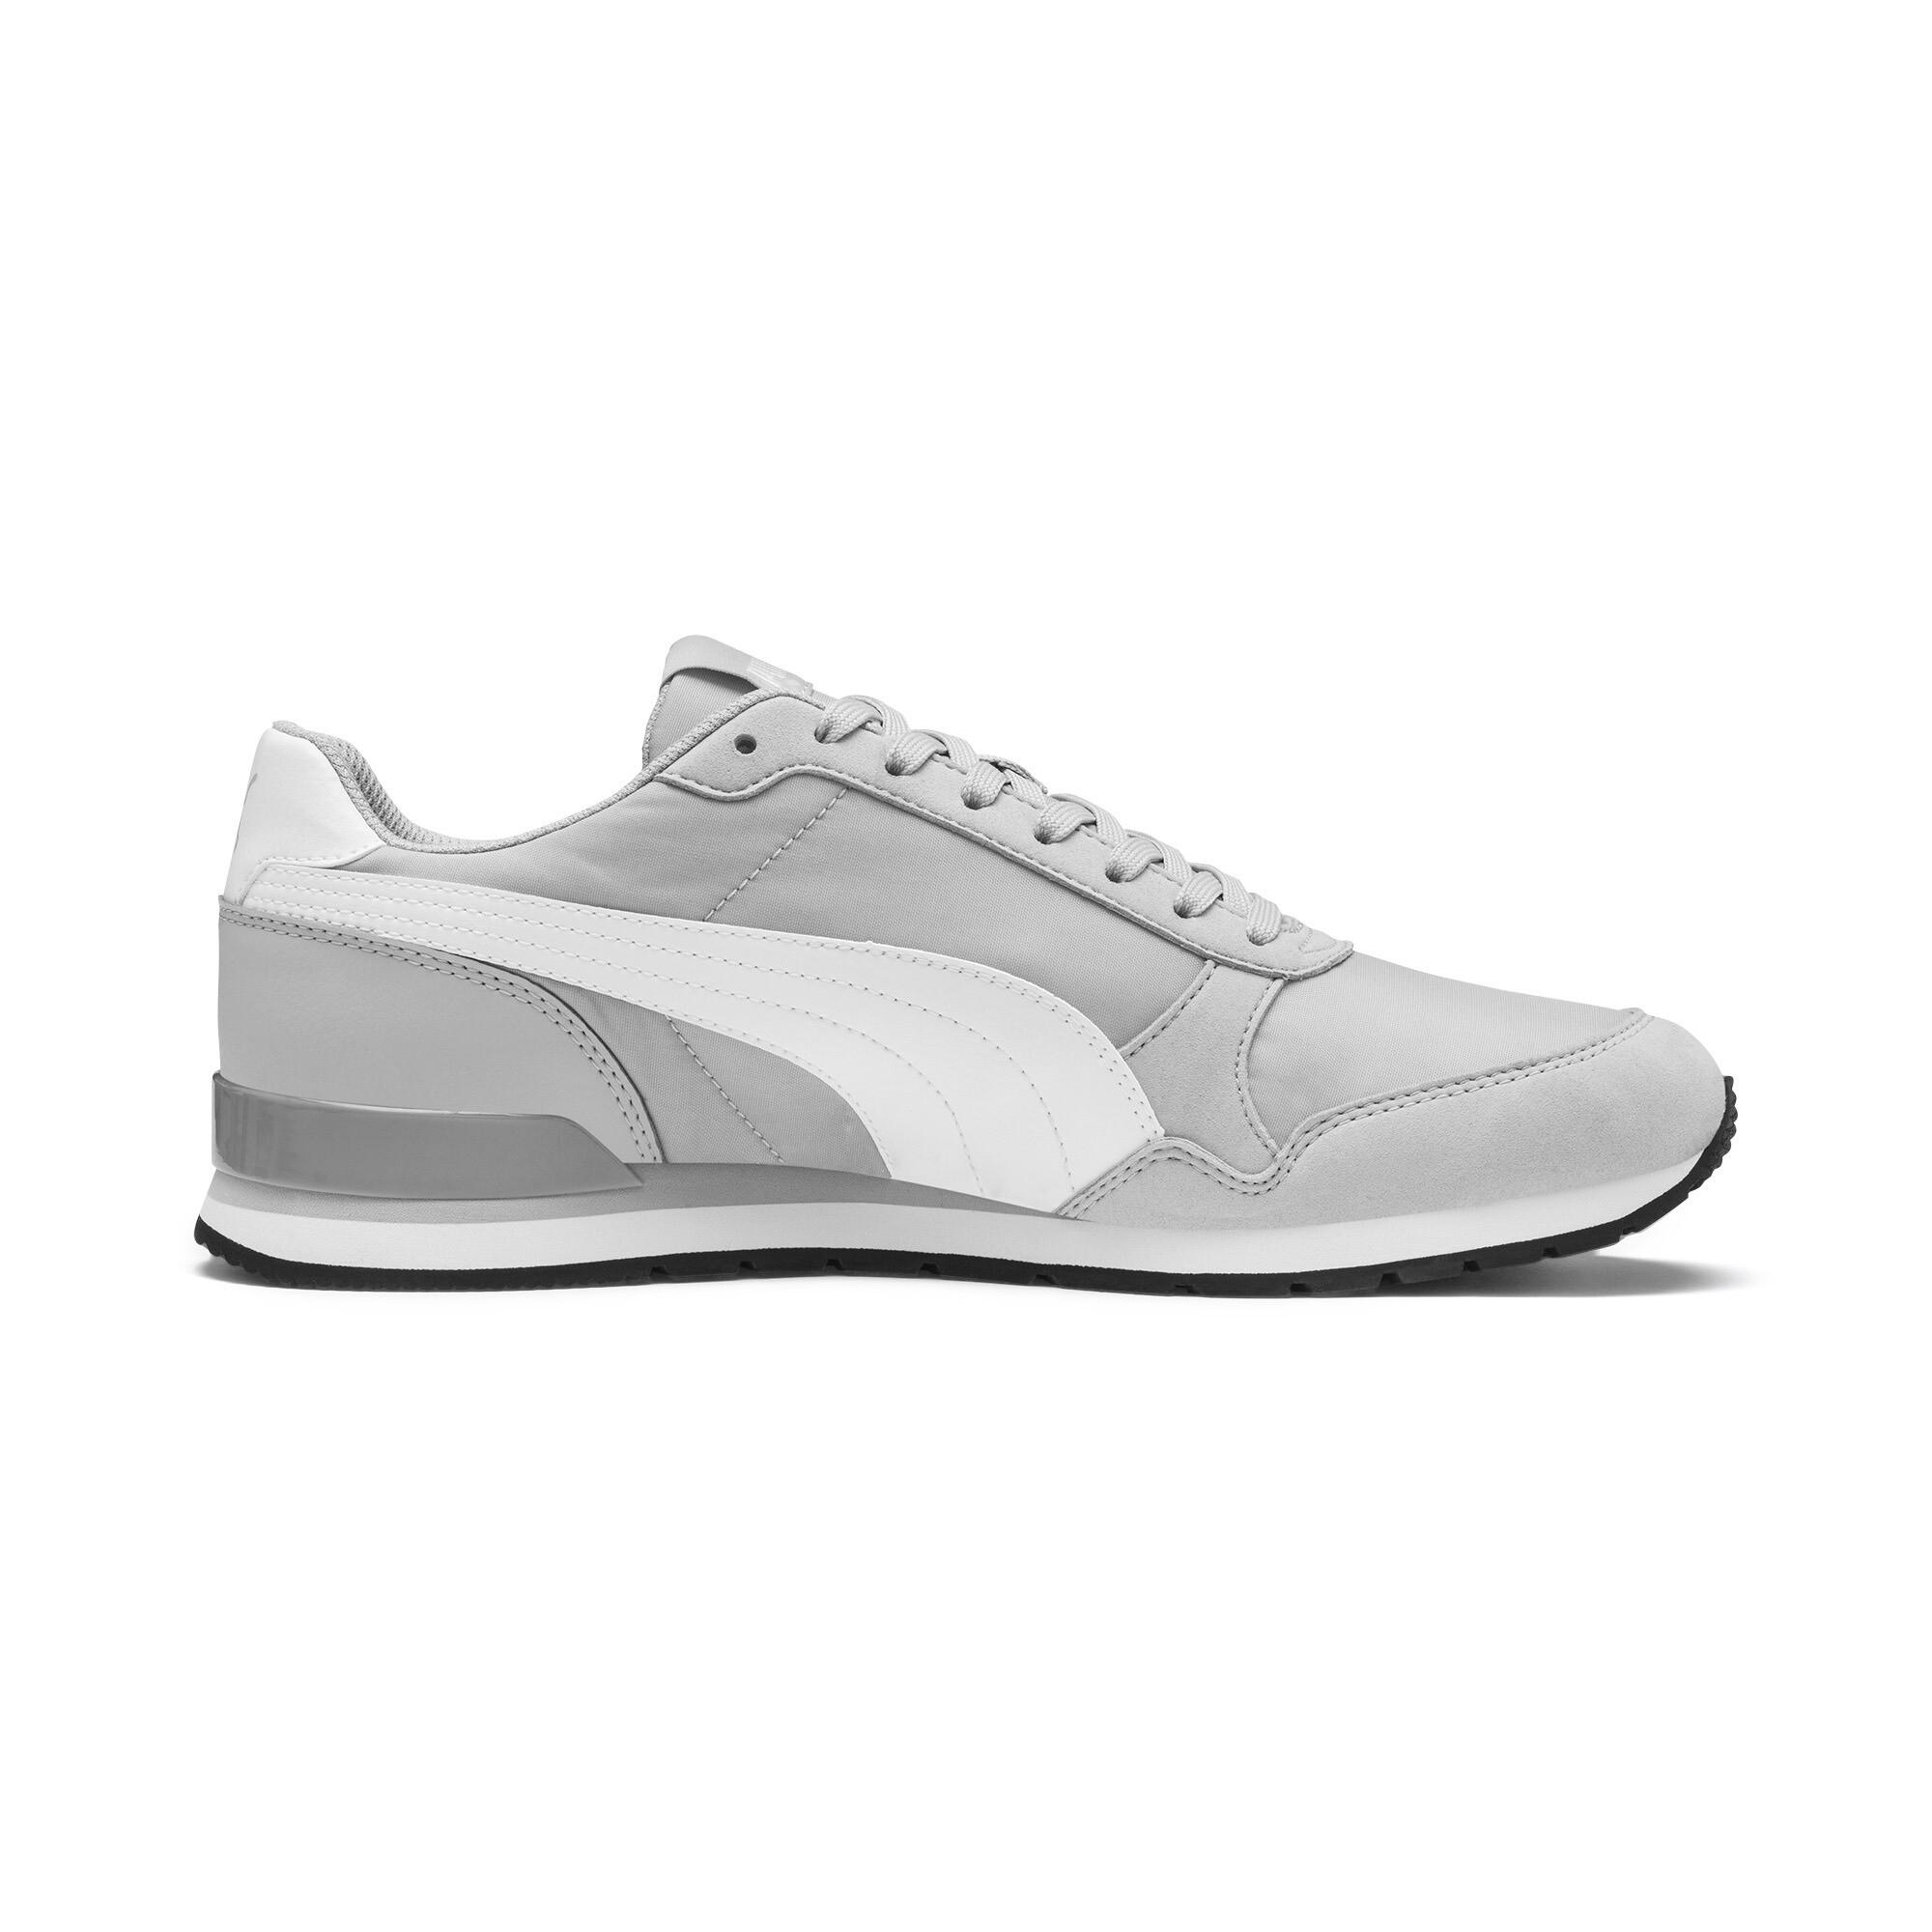 Puma-ST-Runner-v2-Para-hombre-Zapatos-para-hombre-Basics miniatura 14